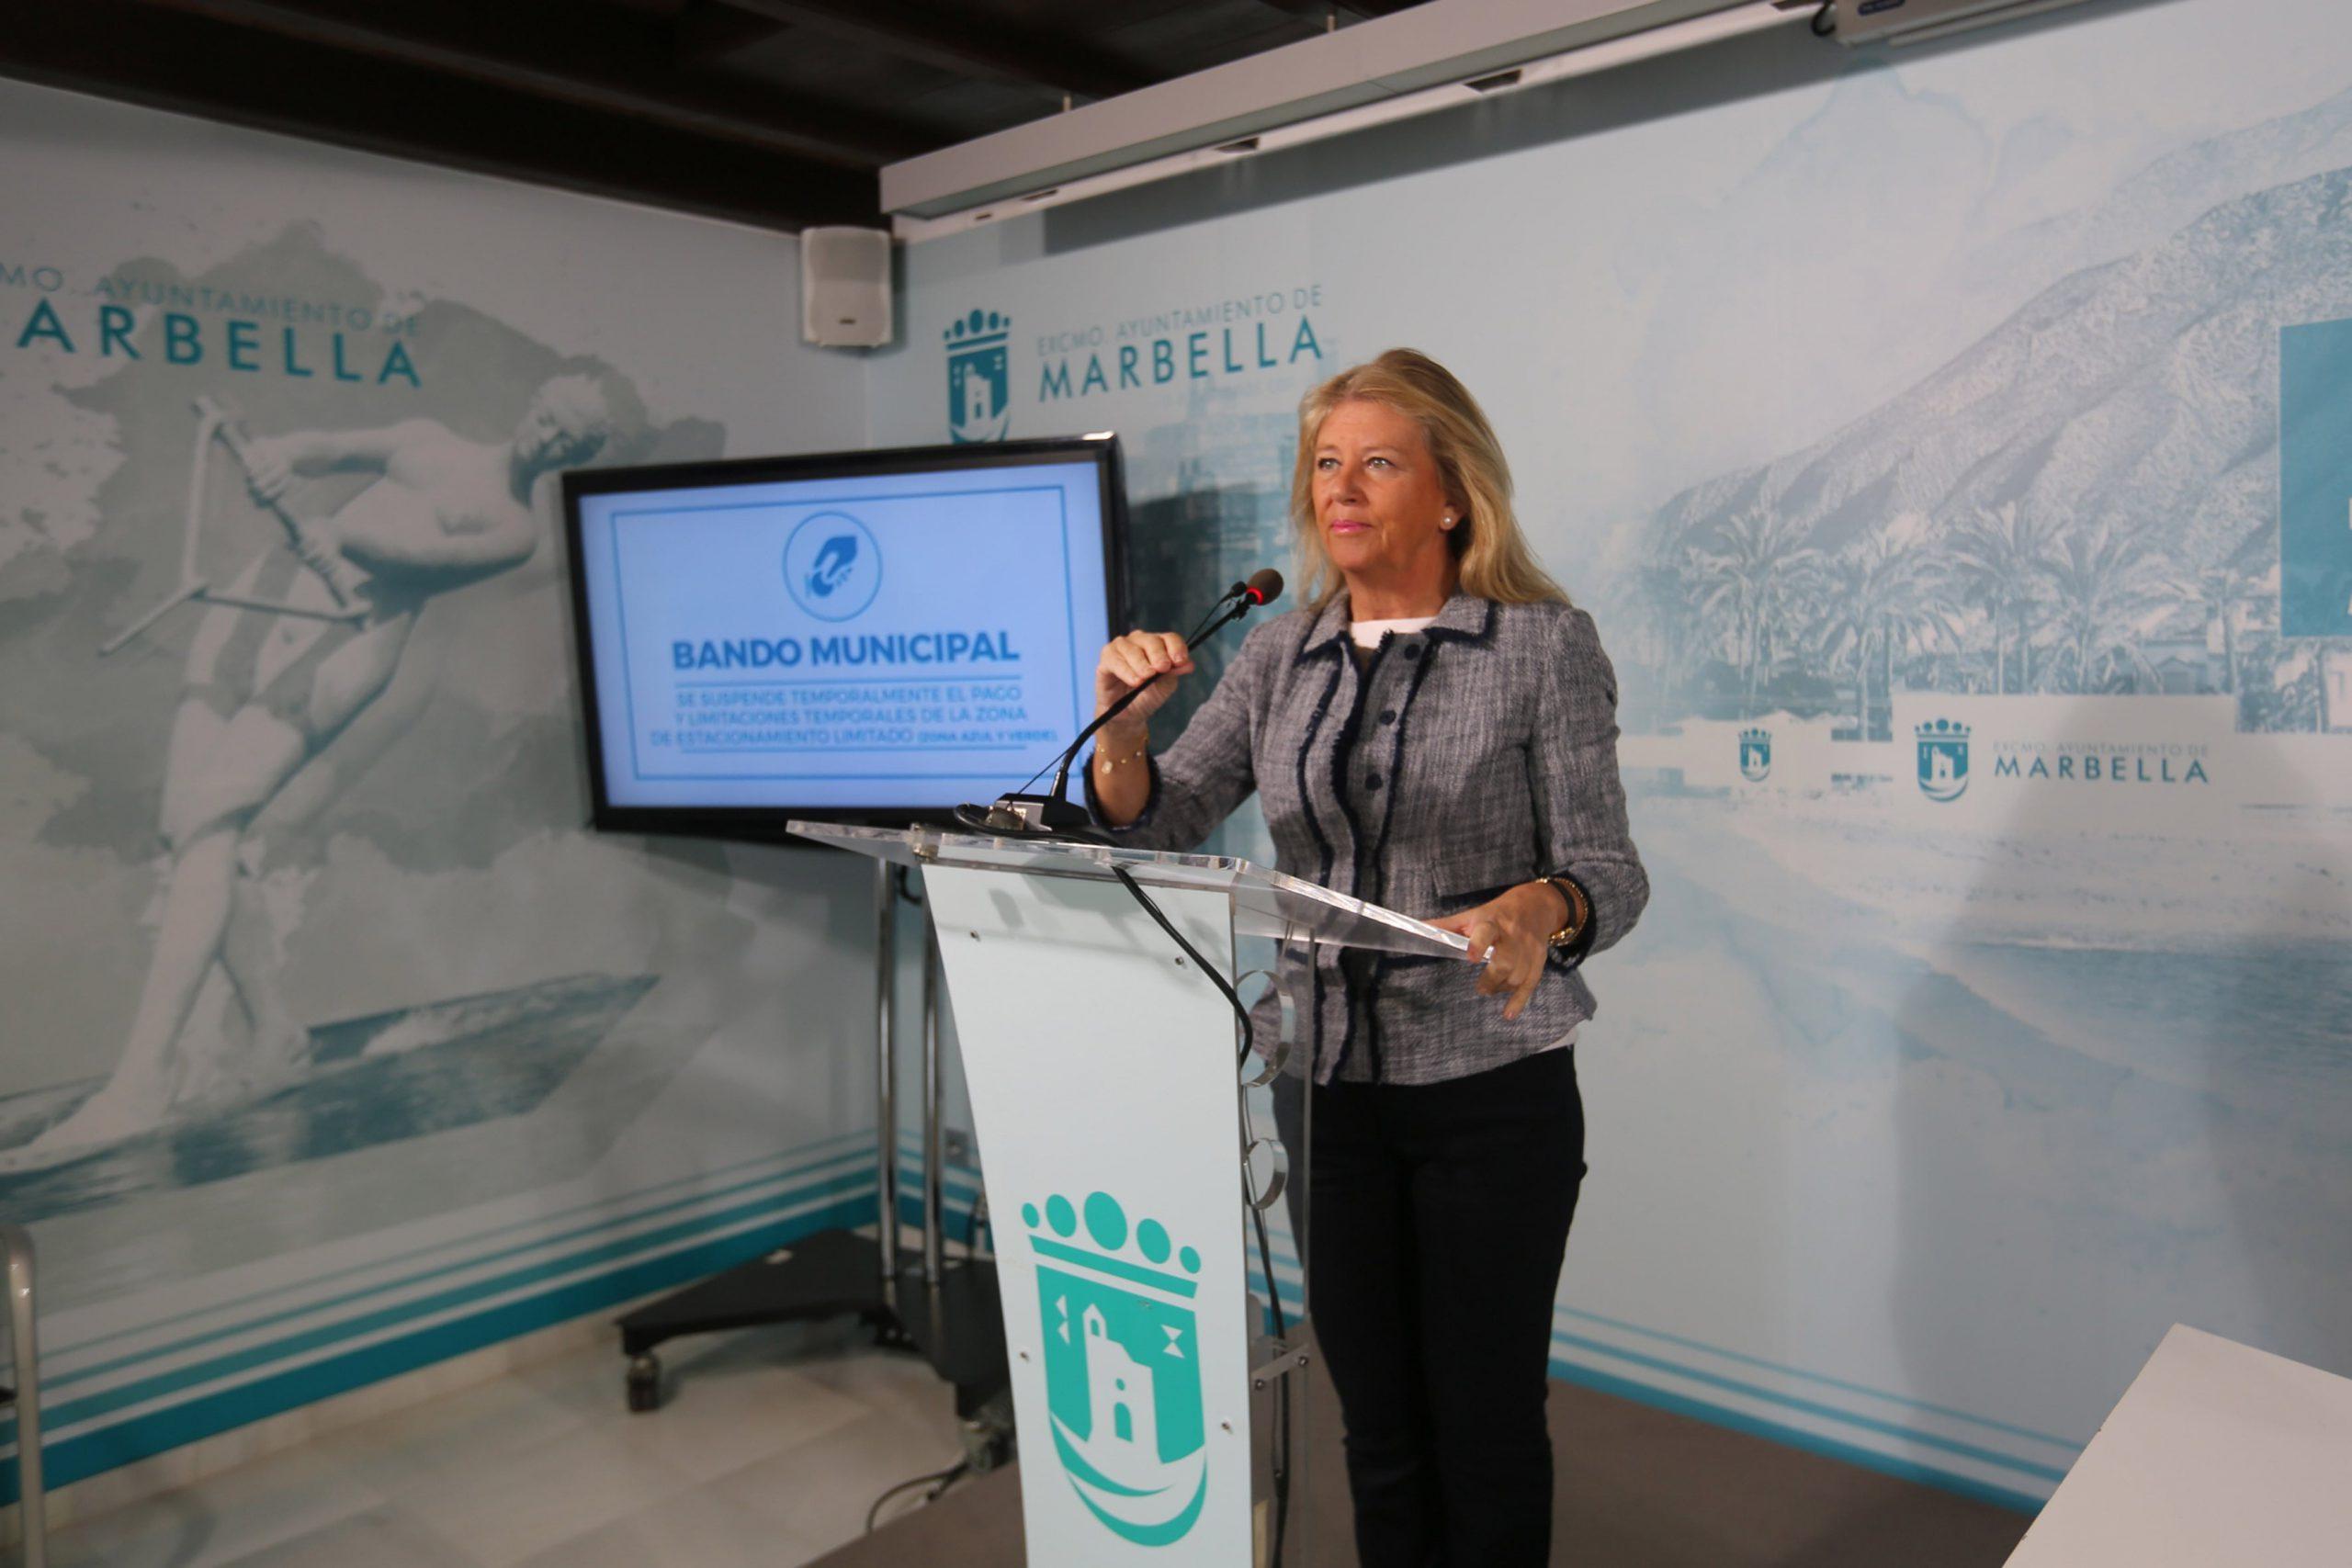 Destinarán a medidas económicas y sociales los 34 millones del remanente de tesorería permitidos por ley